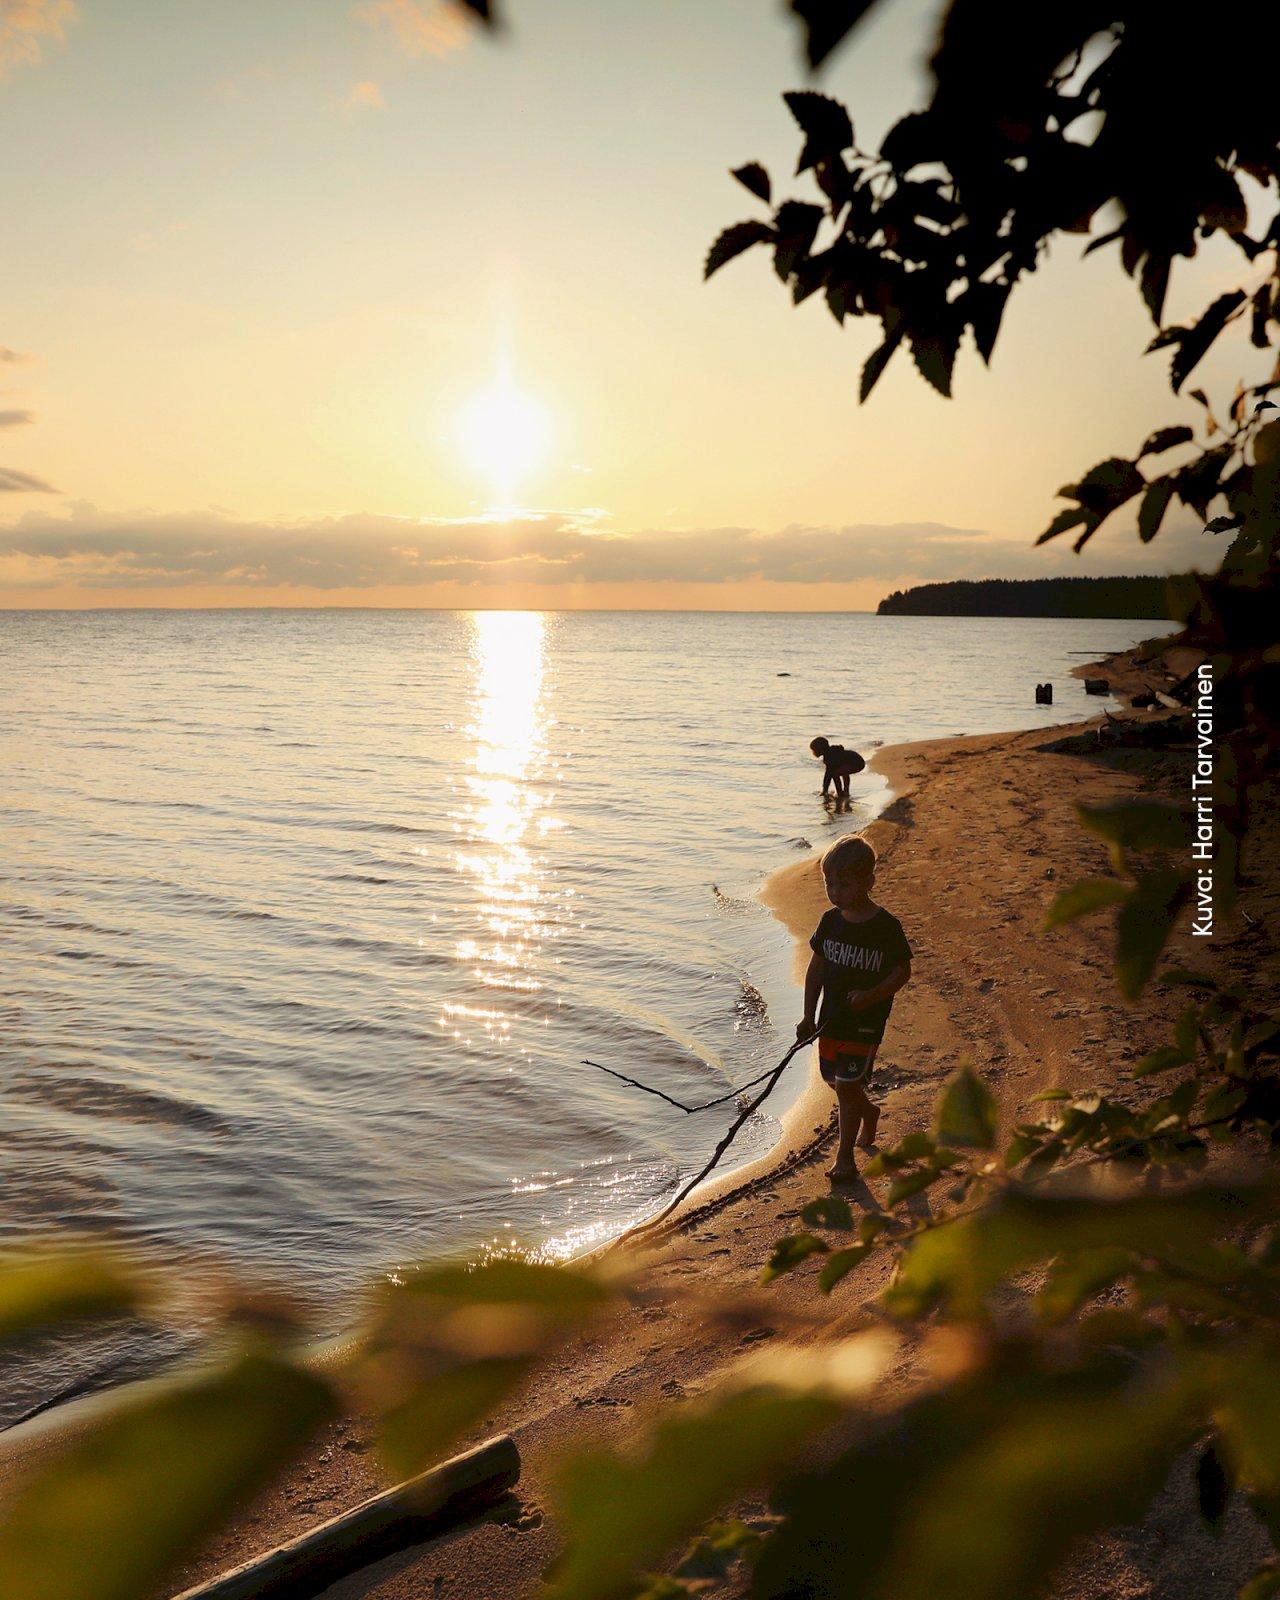 Kaksi lasta leikkii Ärjänsaaren hiekkarannalla auringonlaskussa.